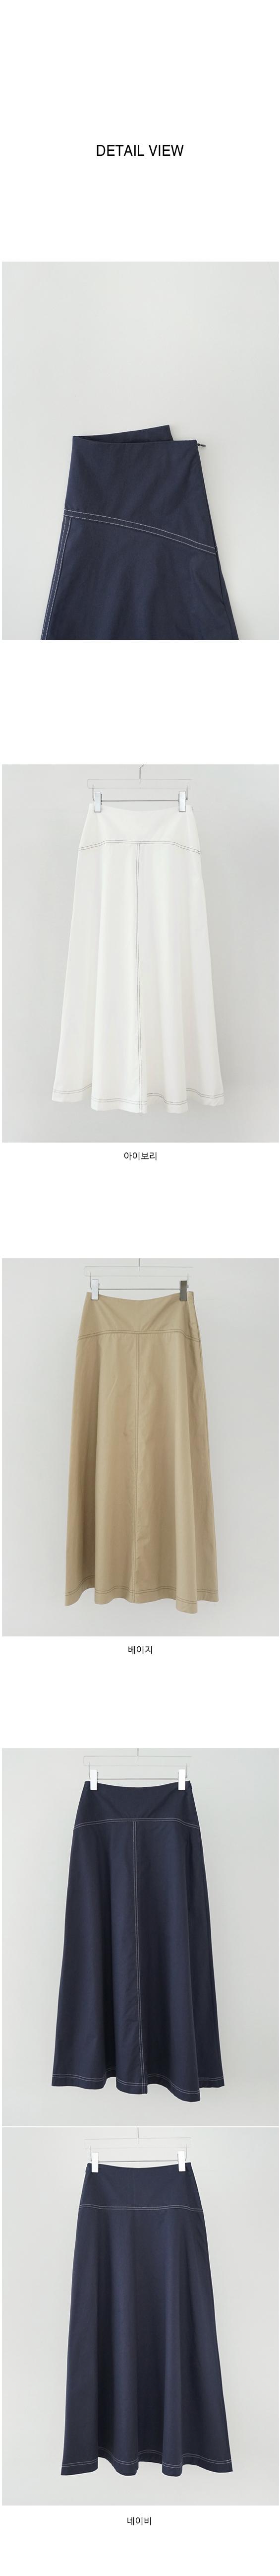 stitch detail A-line skirt